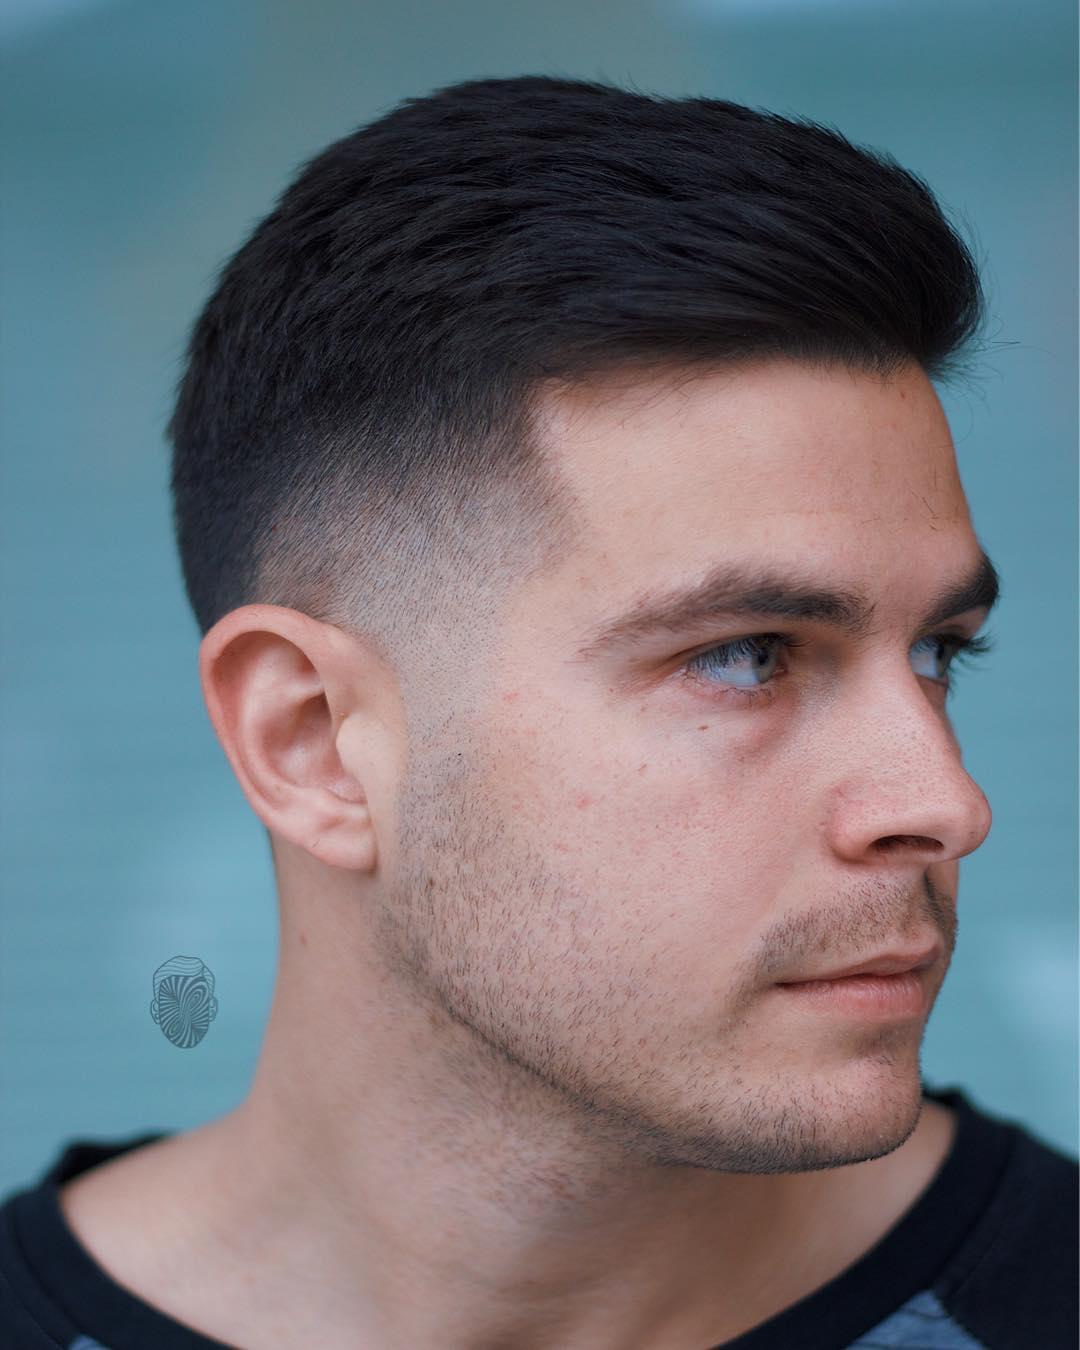 بالصور احدث قصات الشعر للرجال , اجعل شعرك اكثر تالق 1278 8